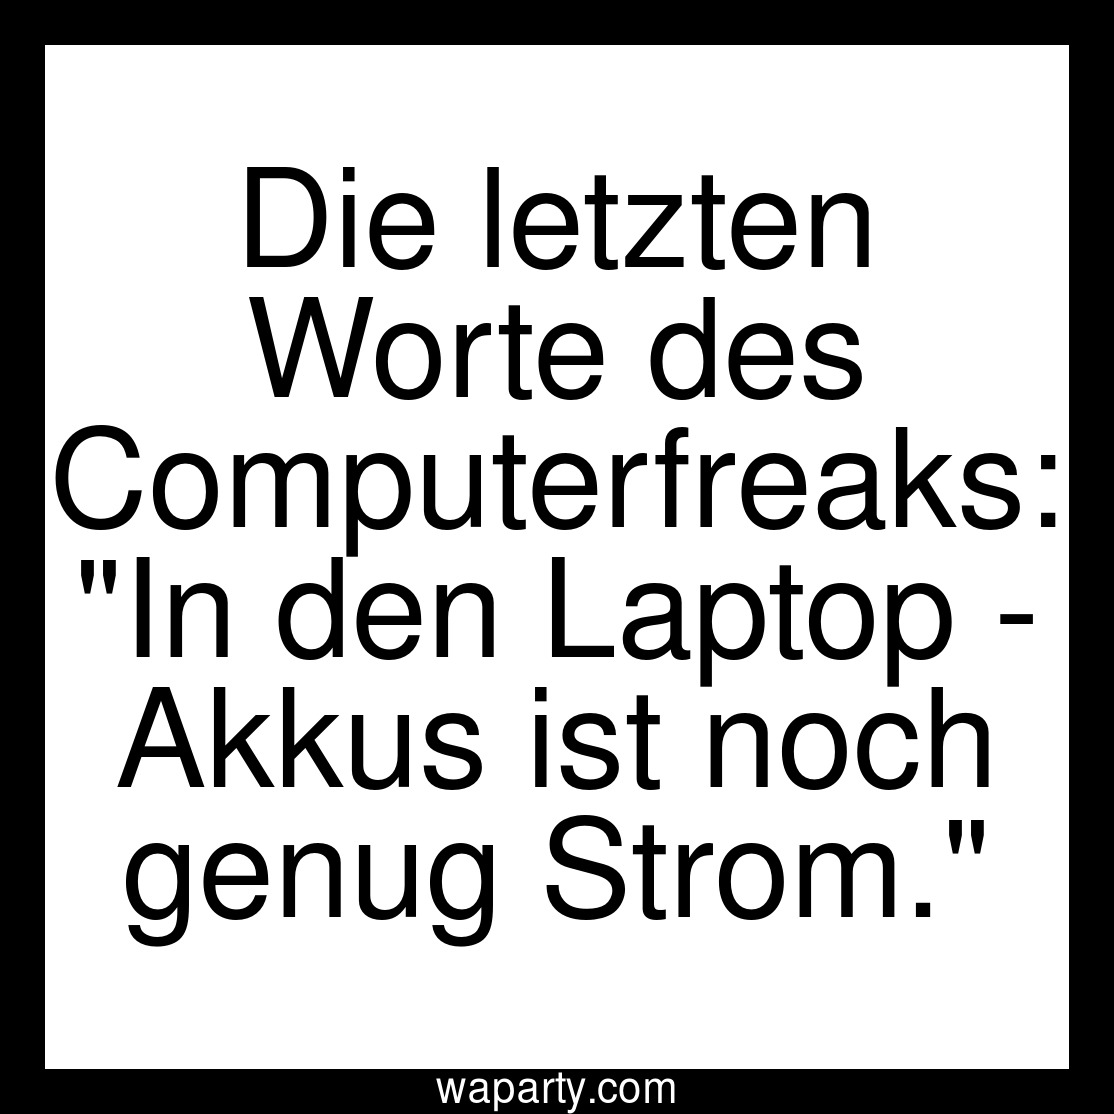 Die letzten Worte des Computerfreaks: In den Laptop - Akkus ist noch genug Strom.